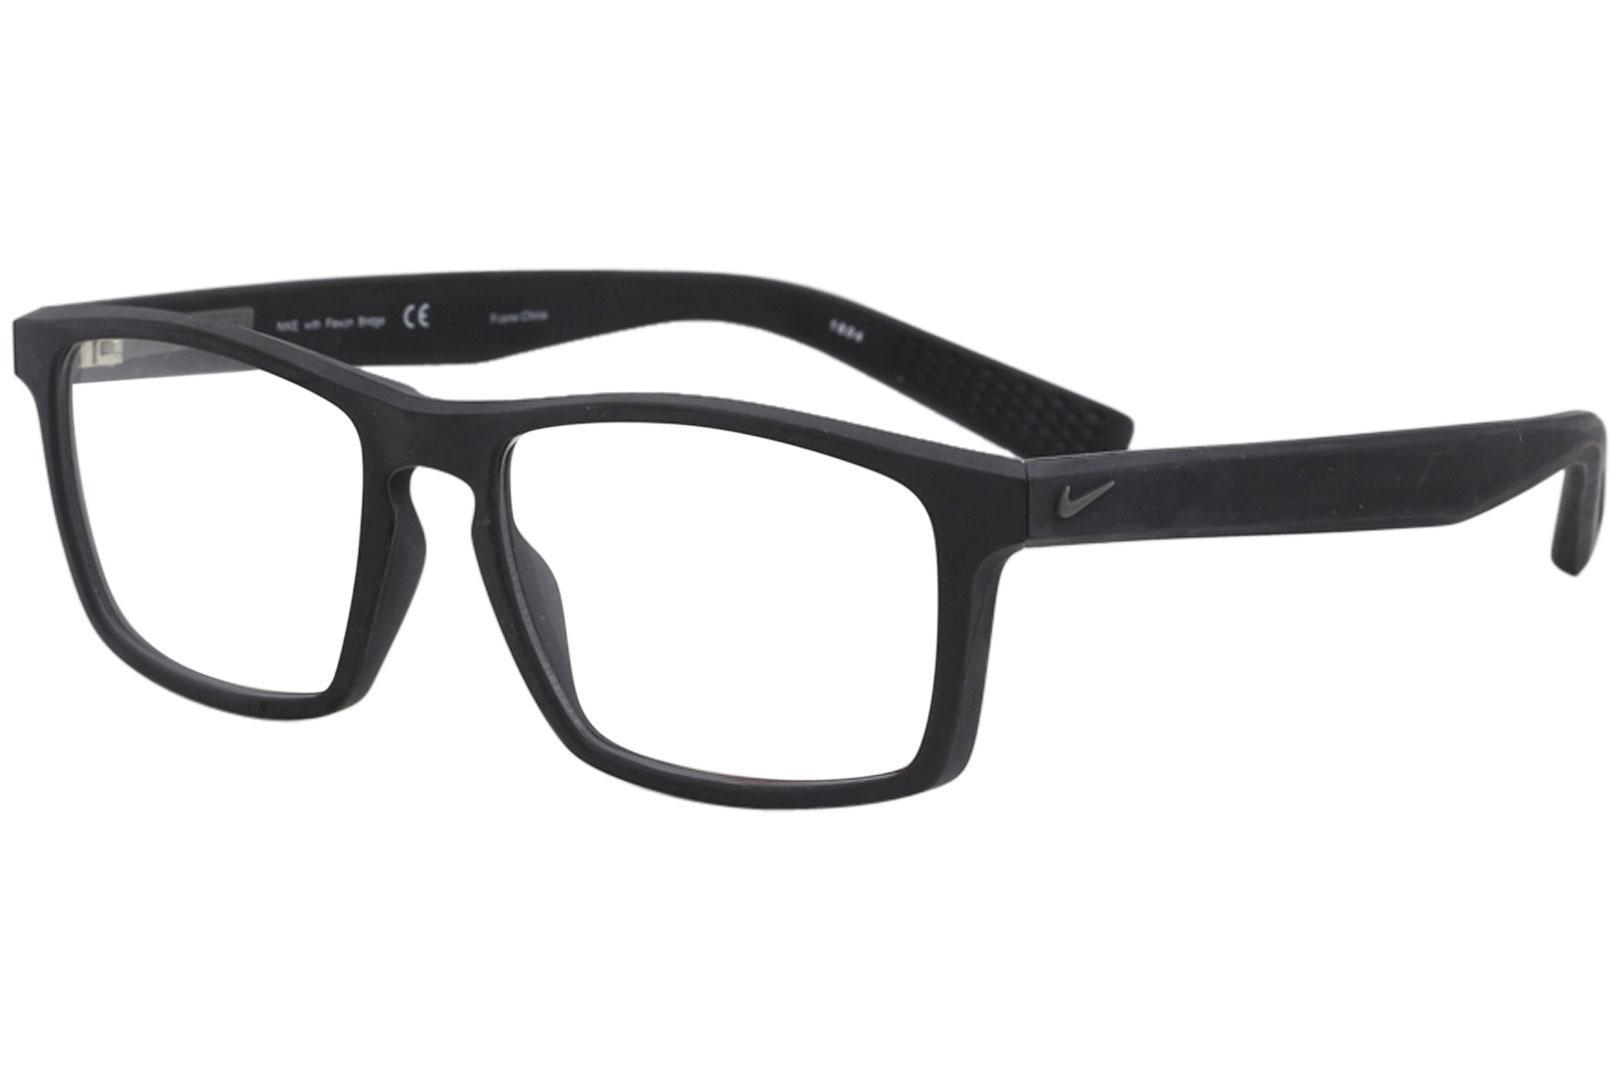 6b3ef507a6 Nike Men s Eyeglasses 4258 Full Rim Flexon Optical Frame